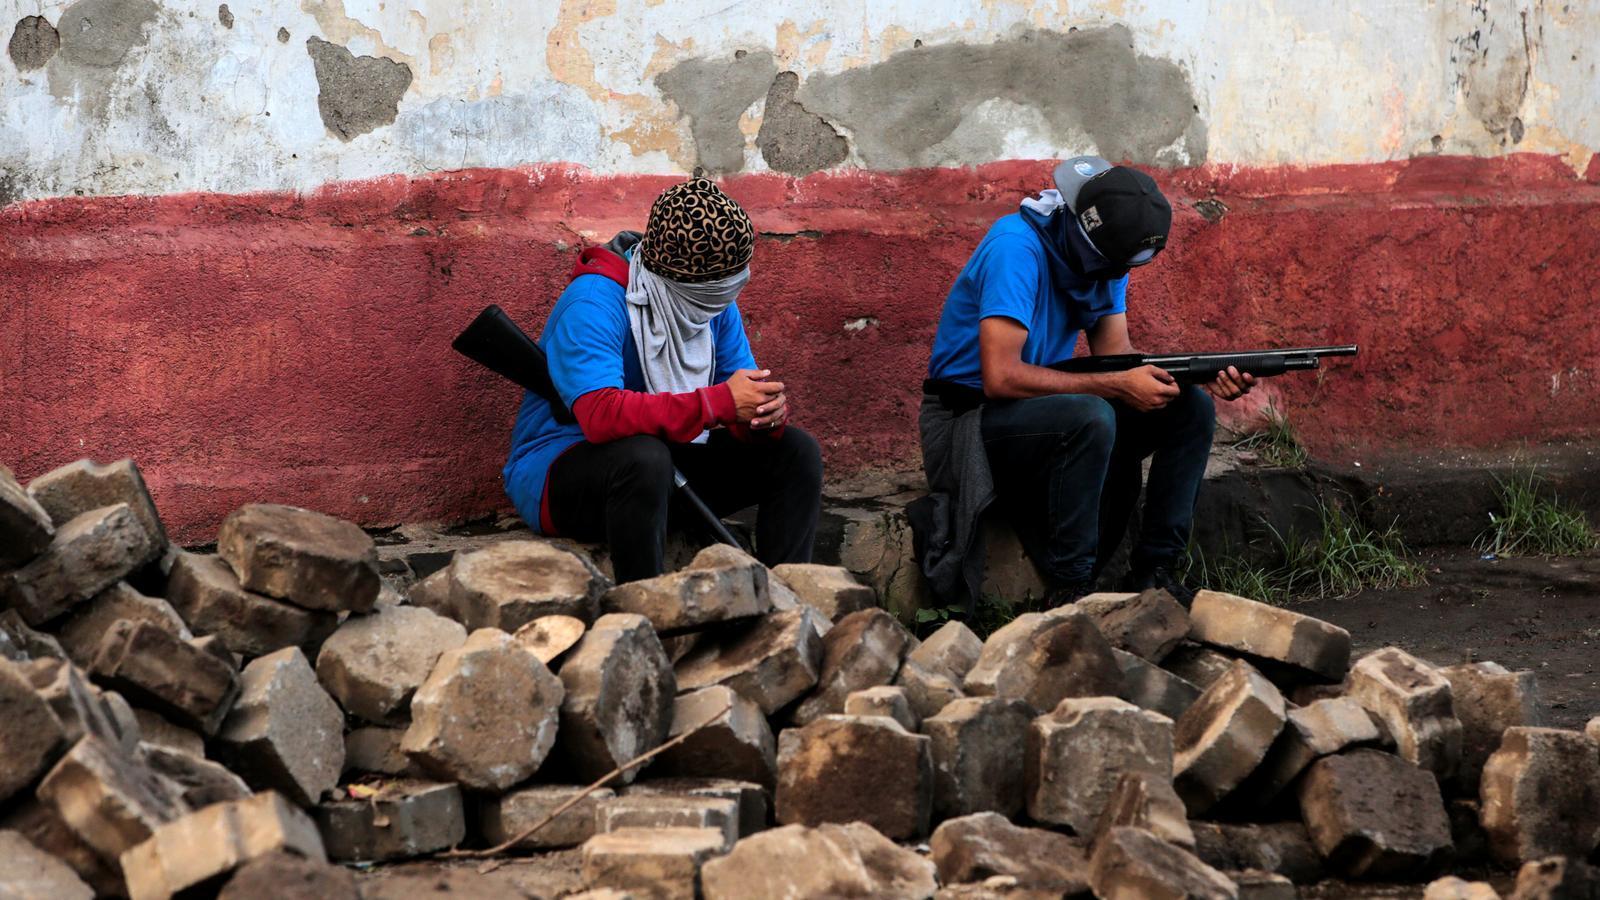 Dos encaputxats simpatitzants del president Ortega descansen després de l'ofensiva contra la població en vigílies de l'aniversari del triomf de la Revolució